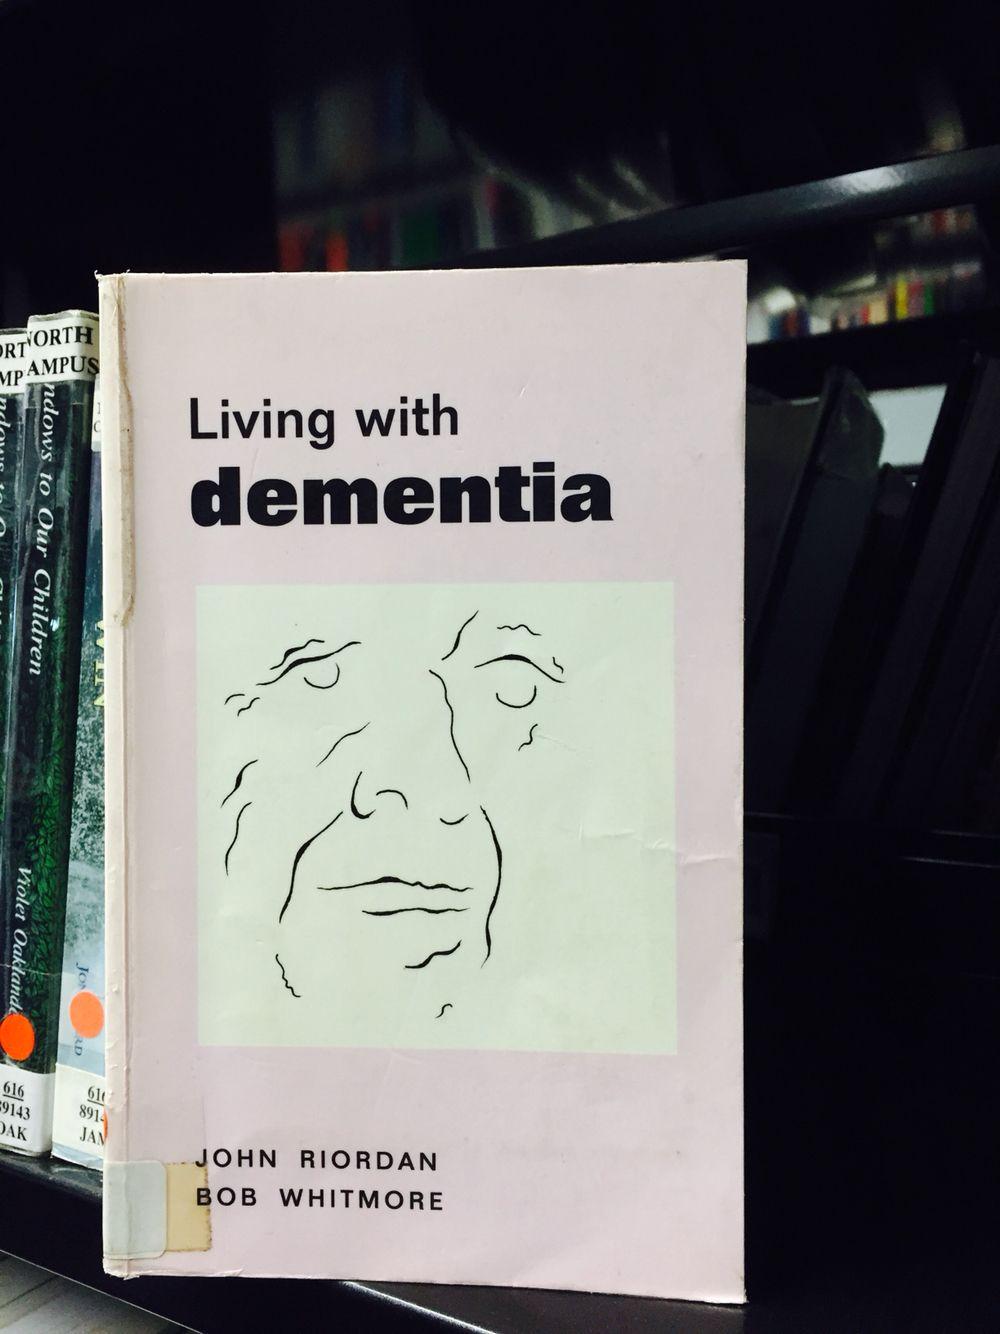 Dementia Dementia, Research, Book cover